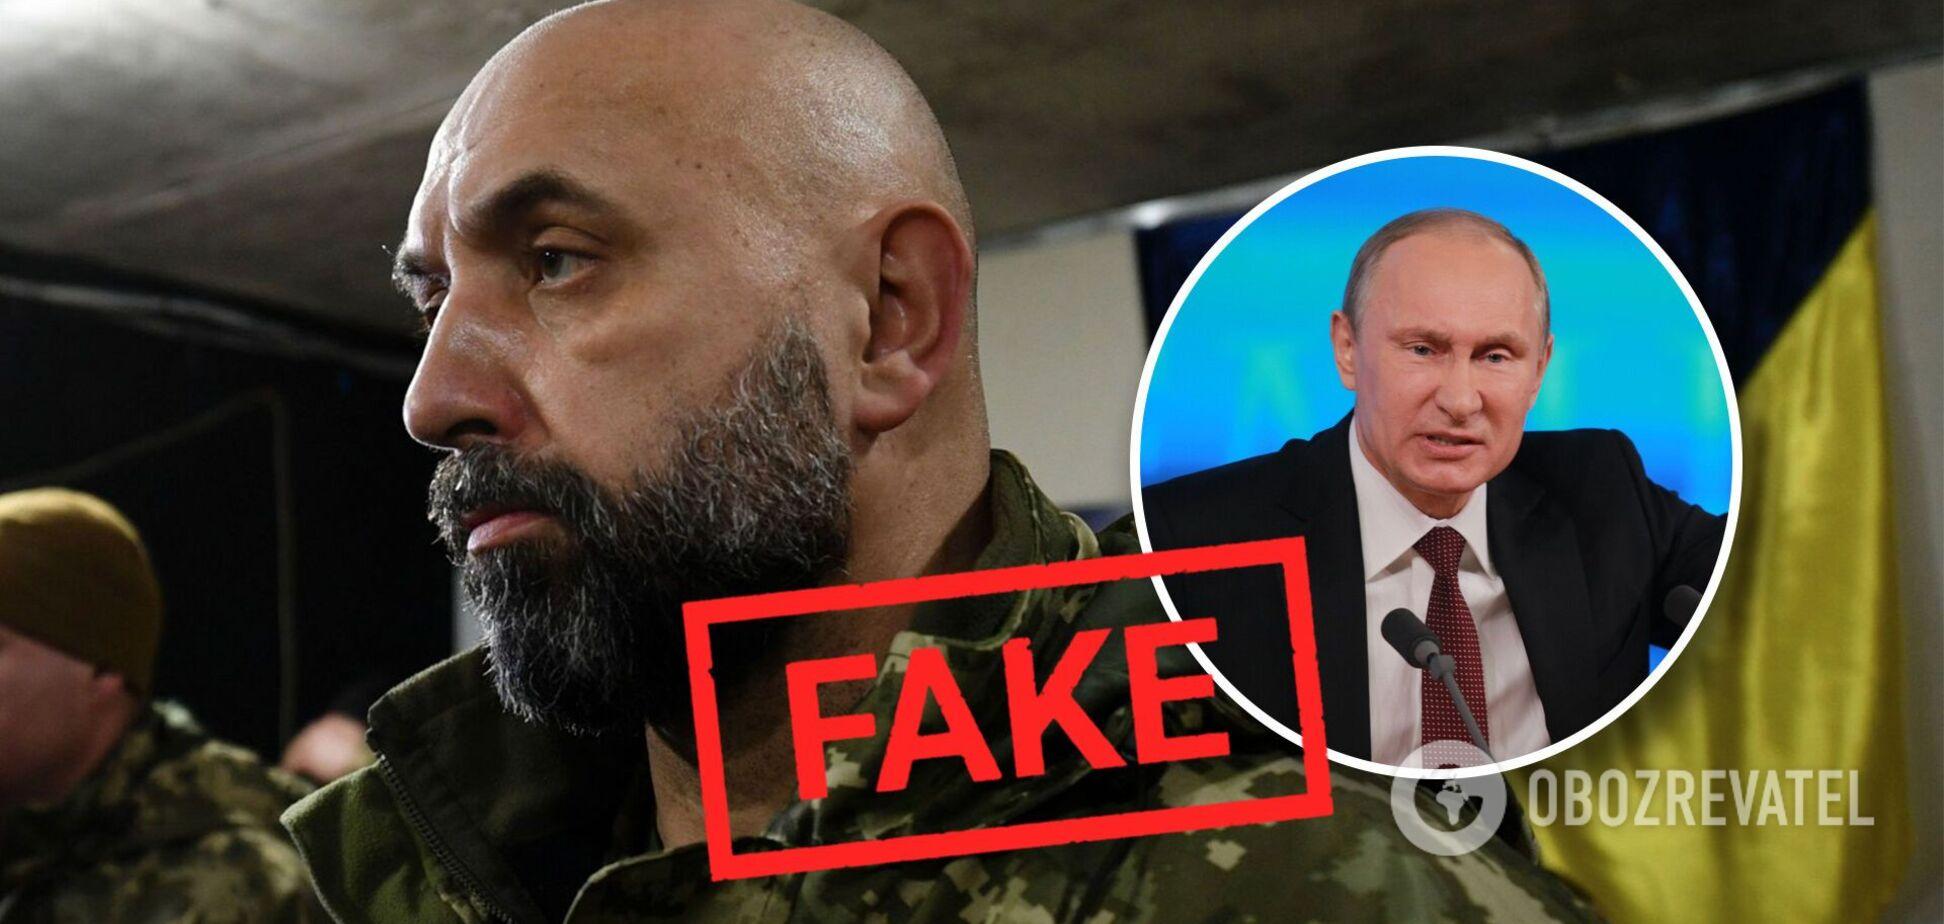 Генерал Кривонос: Путін не піде на поступки, це падіння його престижу. Інтерв'ю